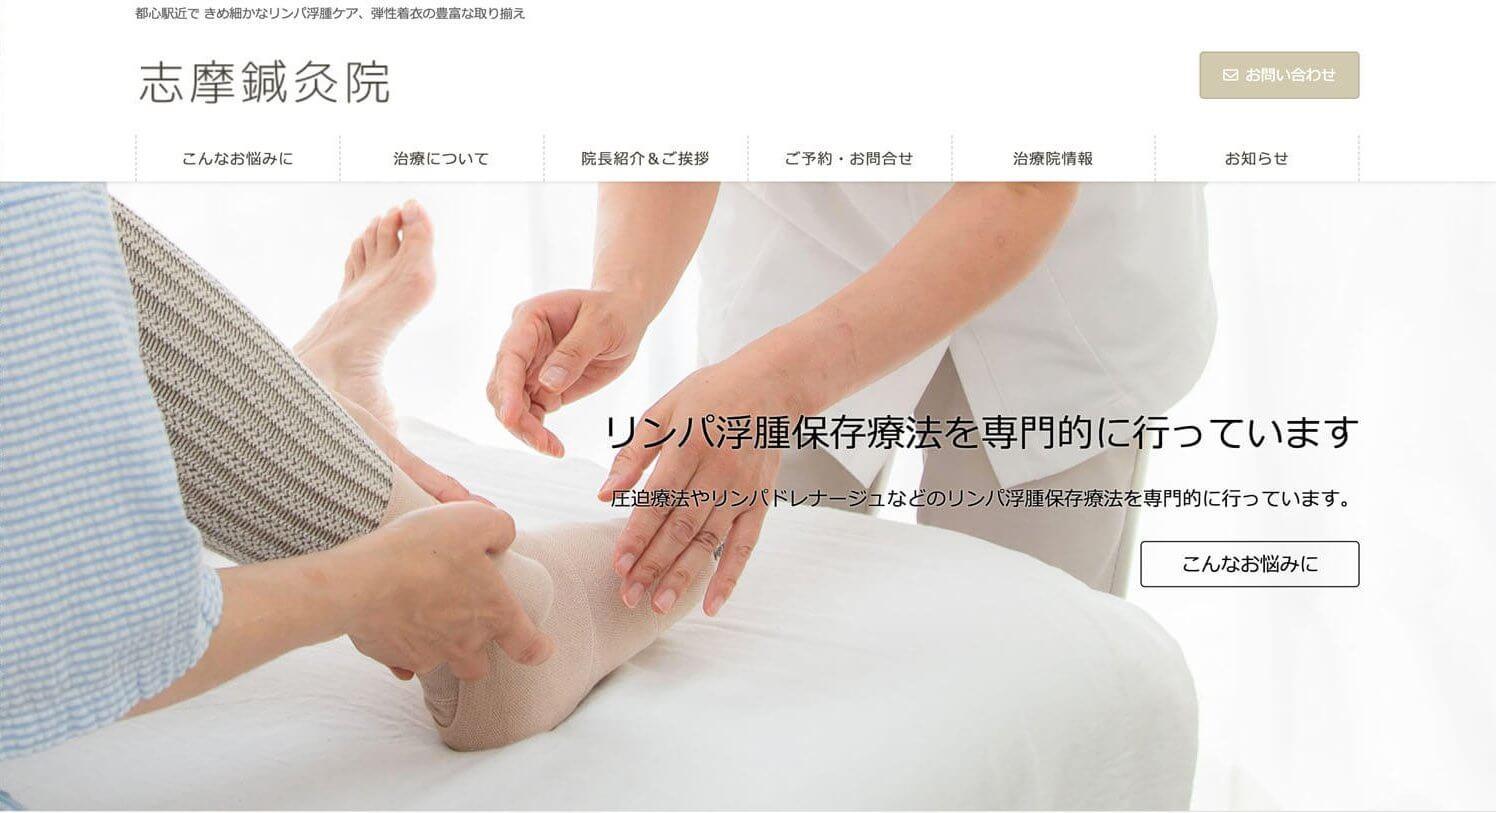 【制作事例】志摩鍼灸院様:WordPressのホームページをリニューアルいたしました